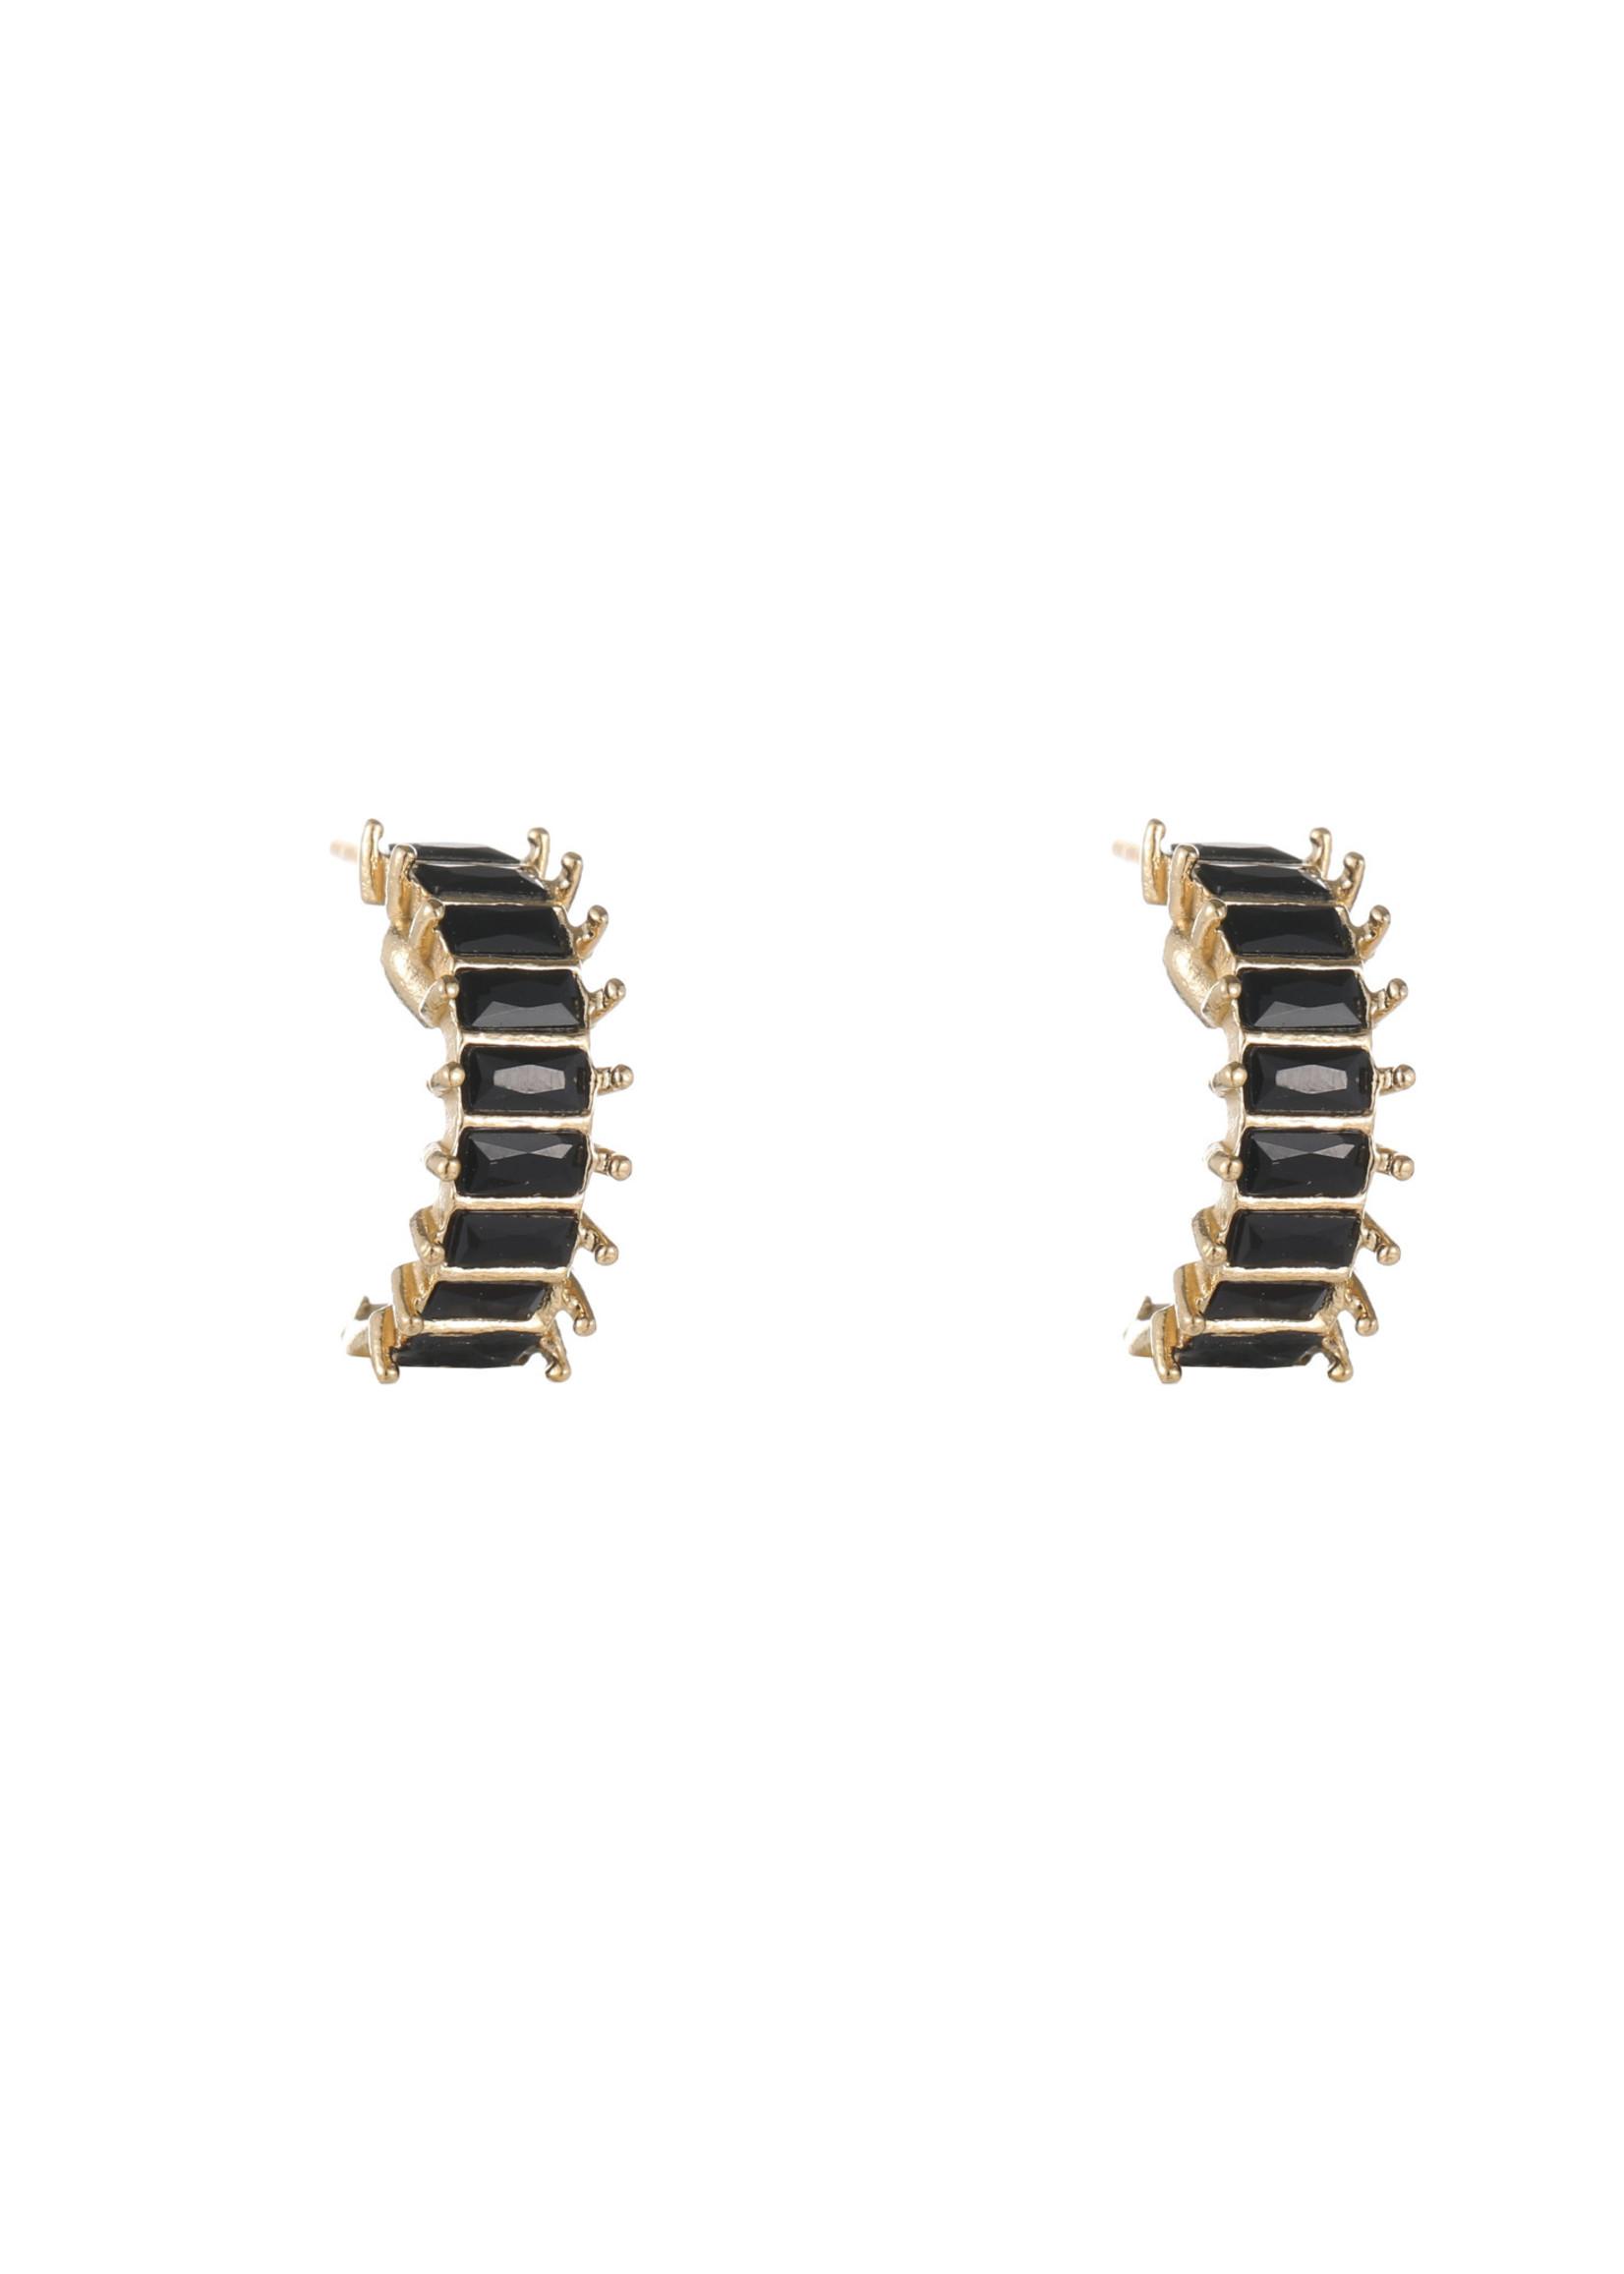 Oorbel goud met zwarte steentjes E1821-2